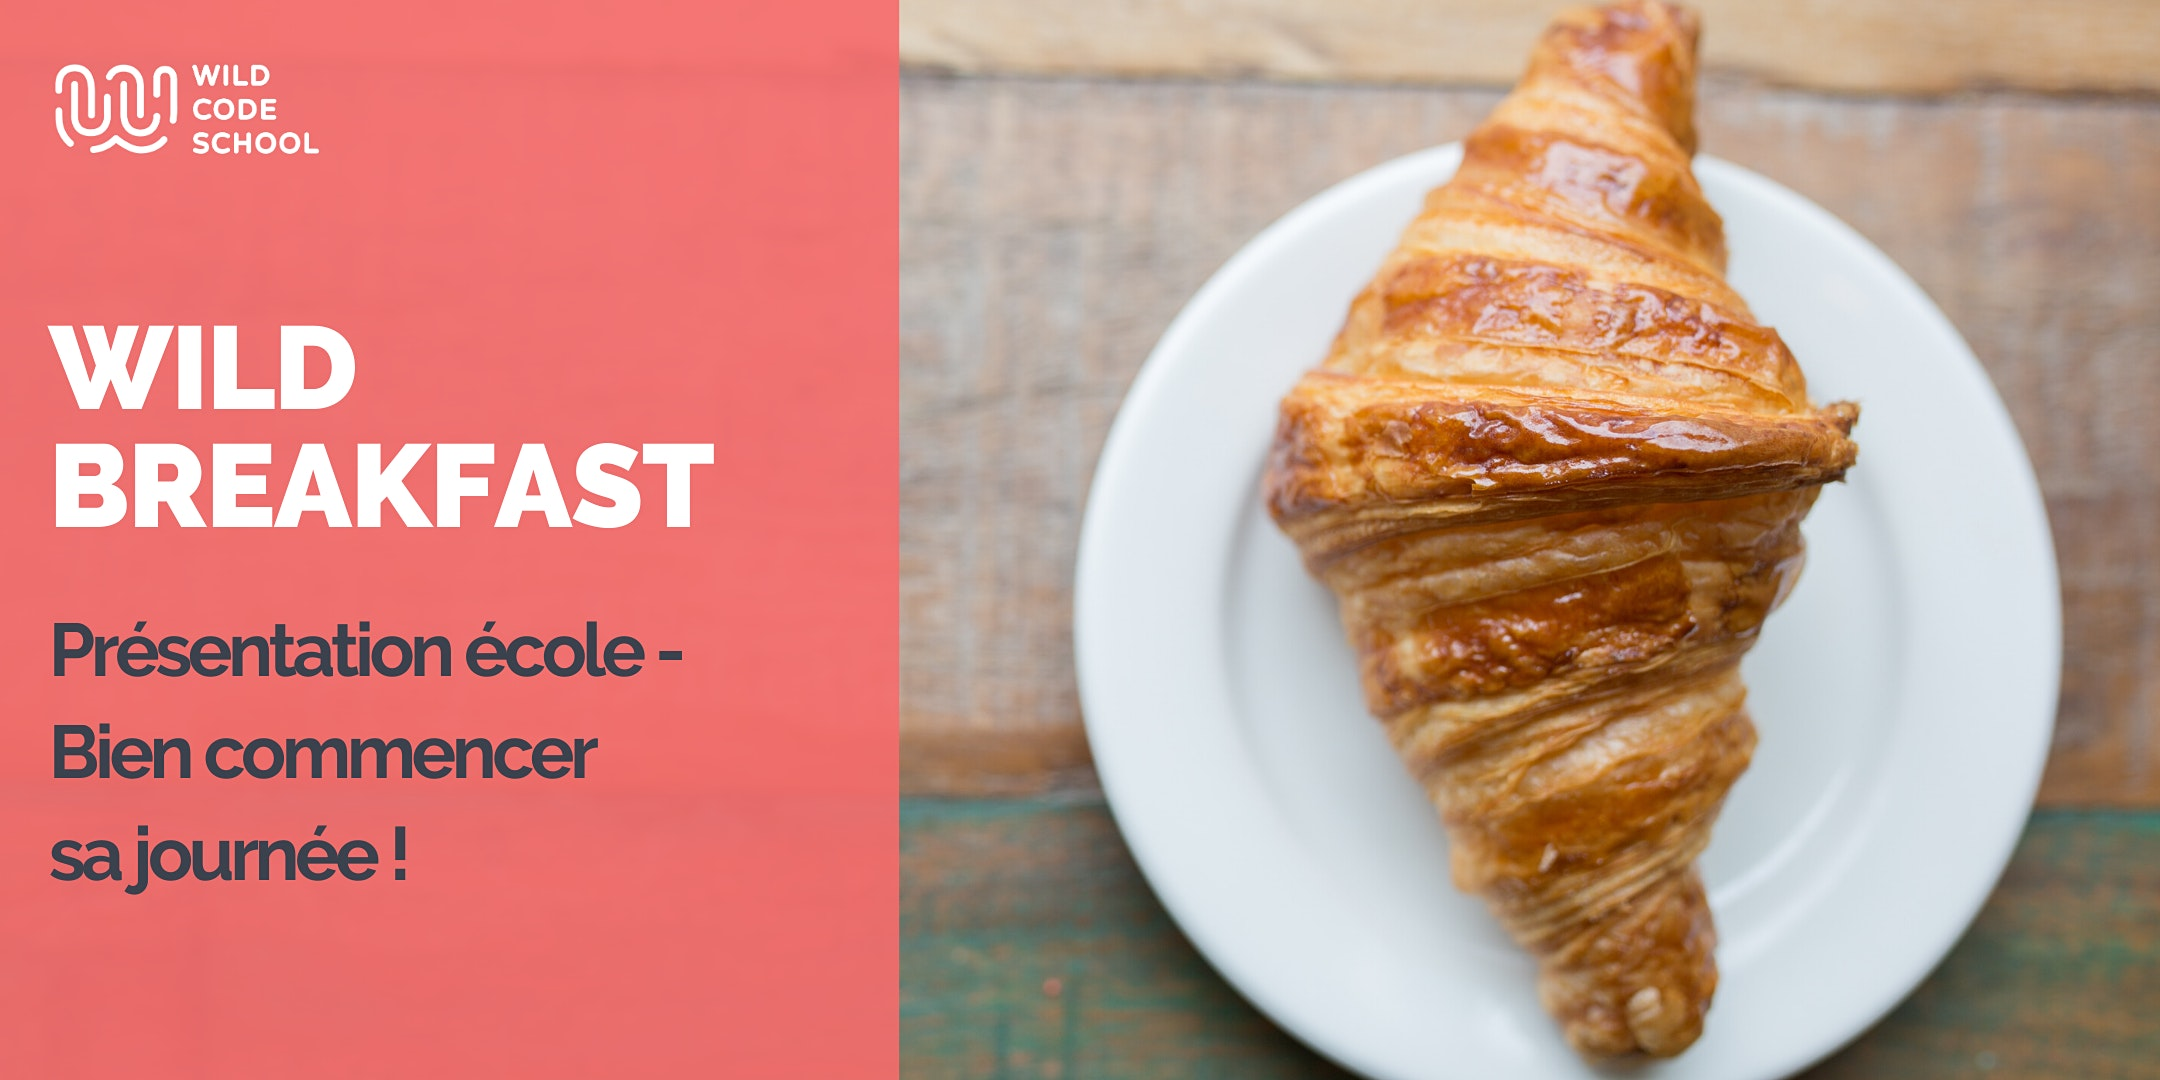 Wild Breakfast - Présentation Ecole - Bien commencer sa journée !